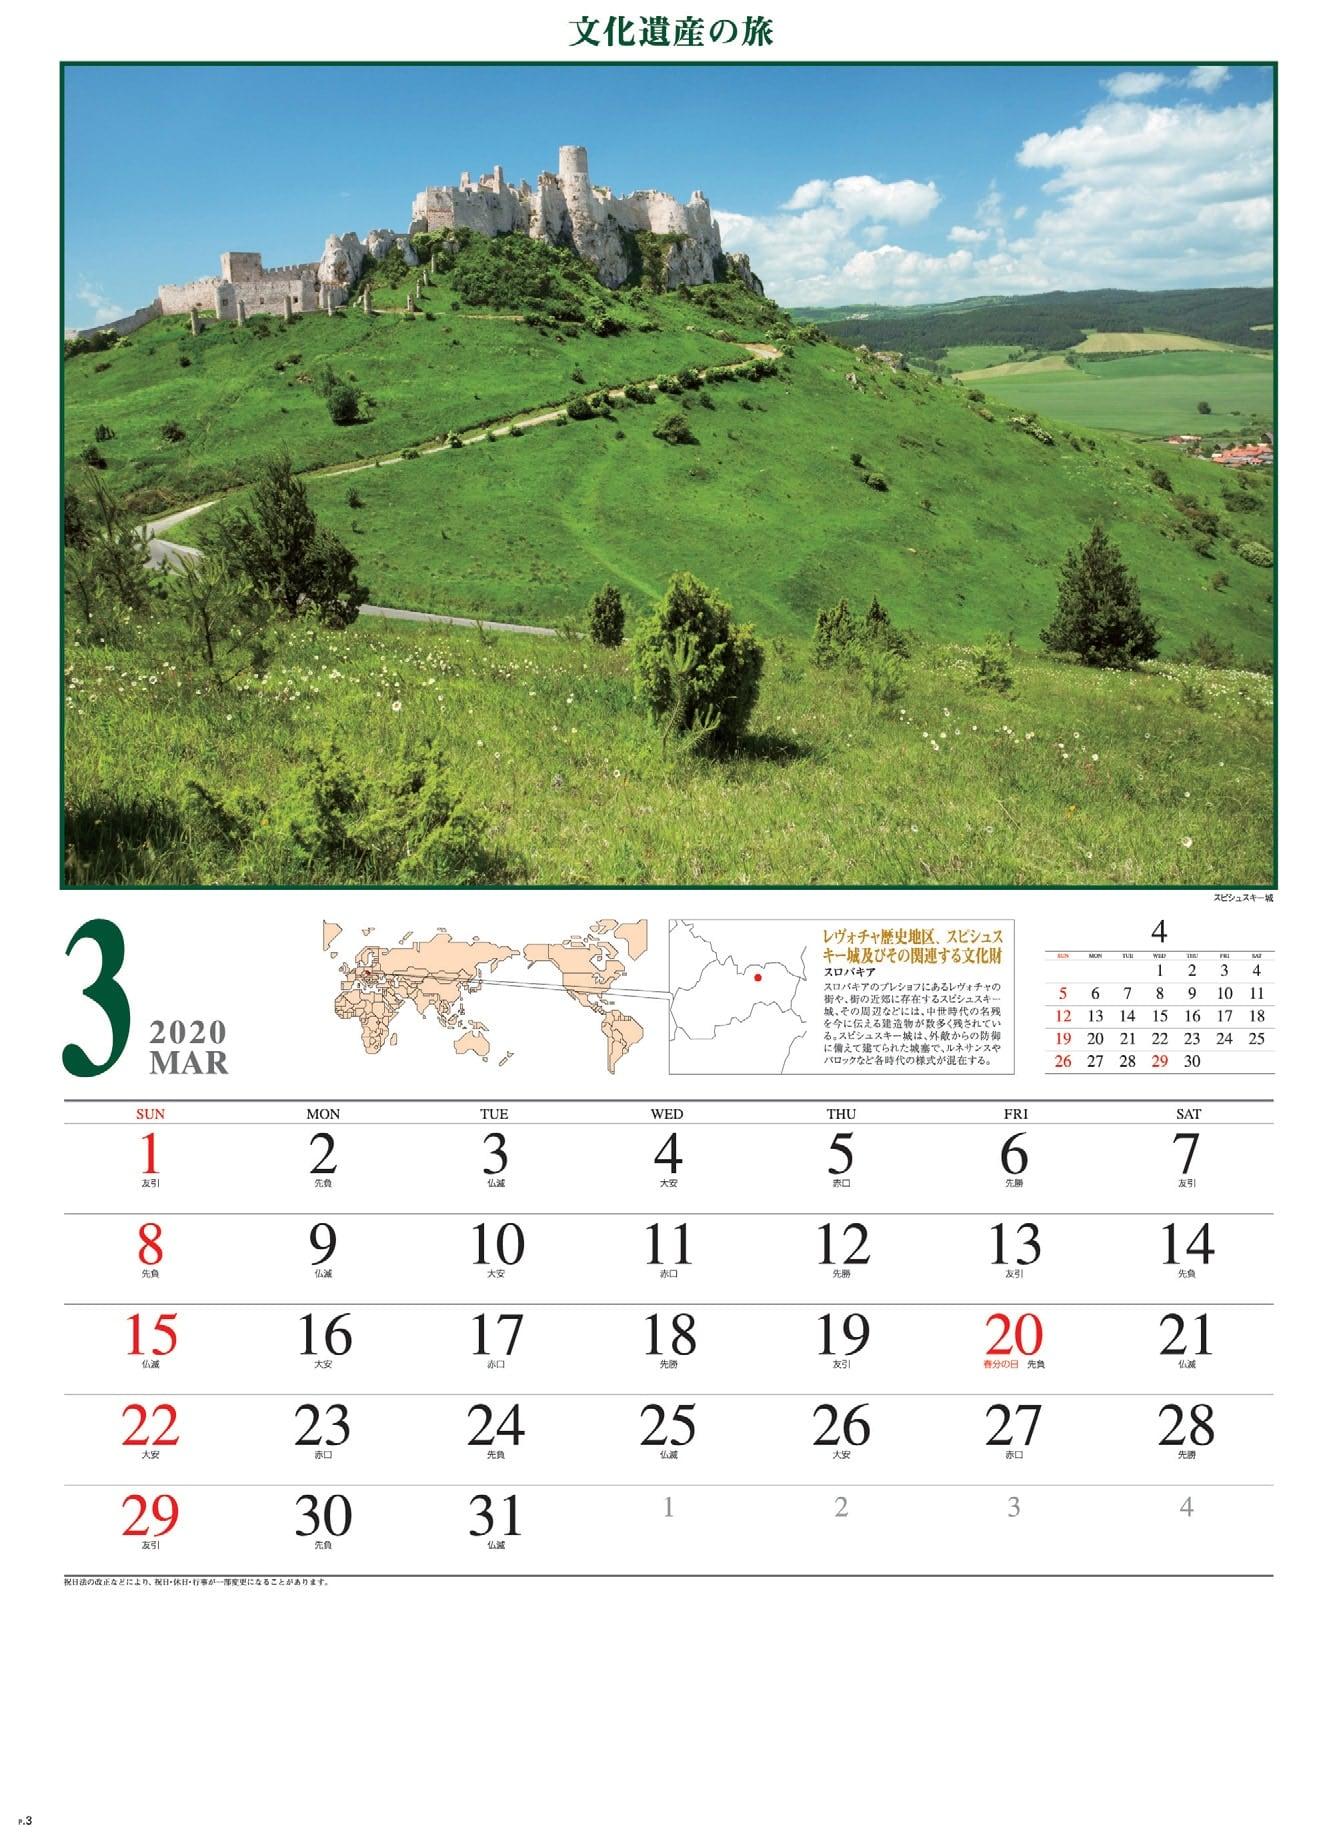 画像:スピシュスキー城(スロバキア) 文化遺産の旅(ユネスコ世界遺産) 2020年カレンダー